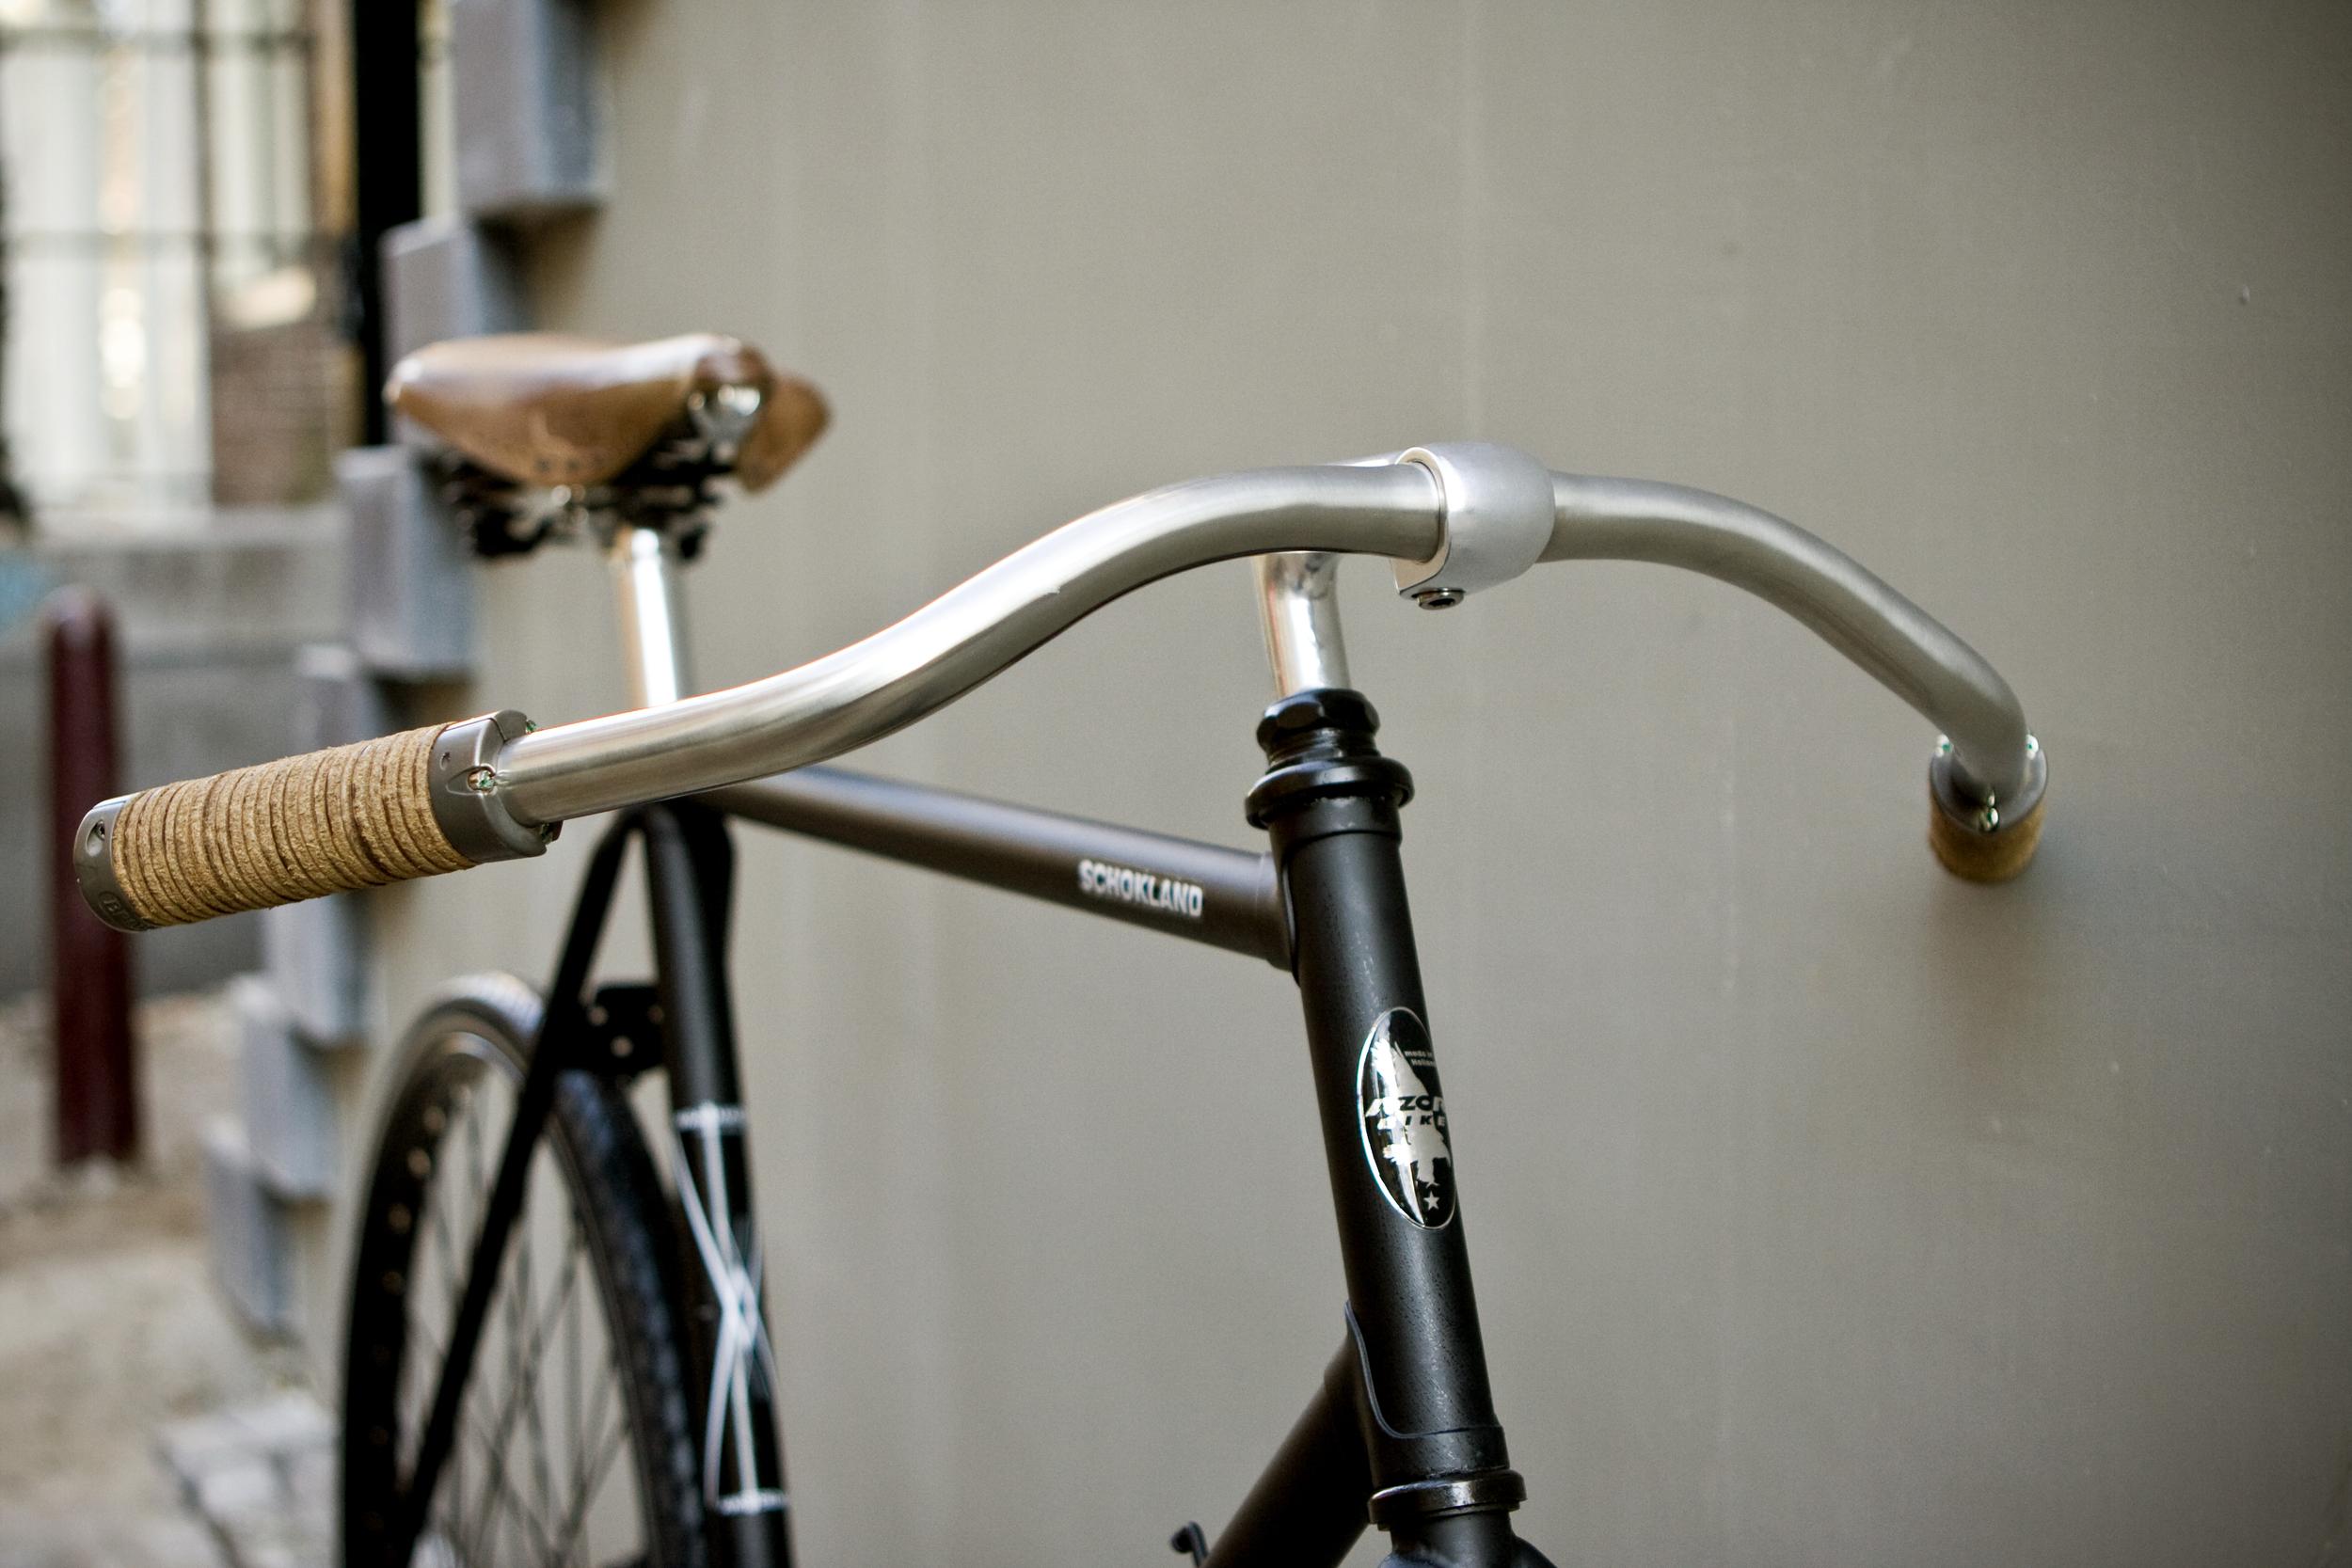 Waarmakers x Azor Bike - Schokland 6.jpg